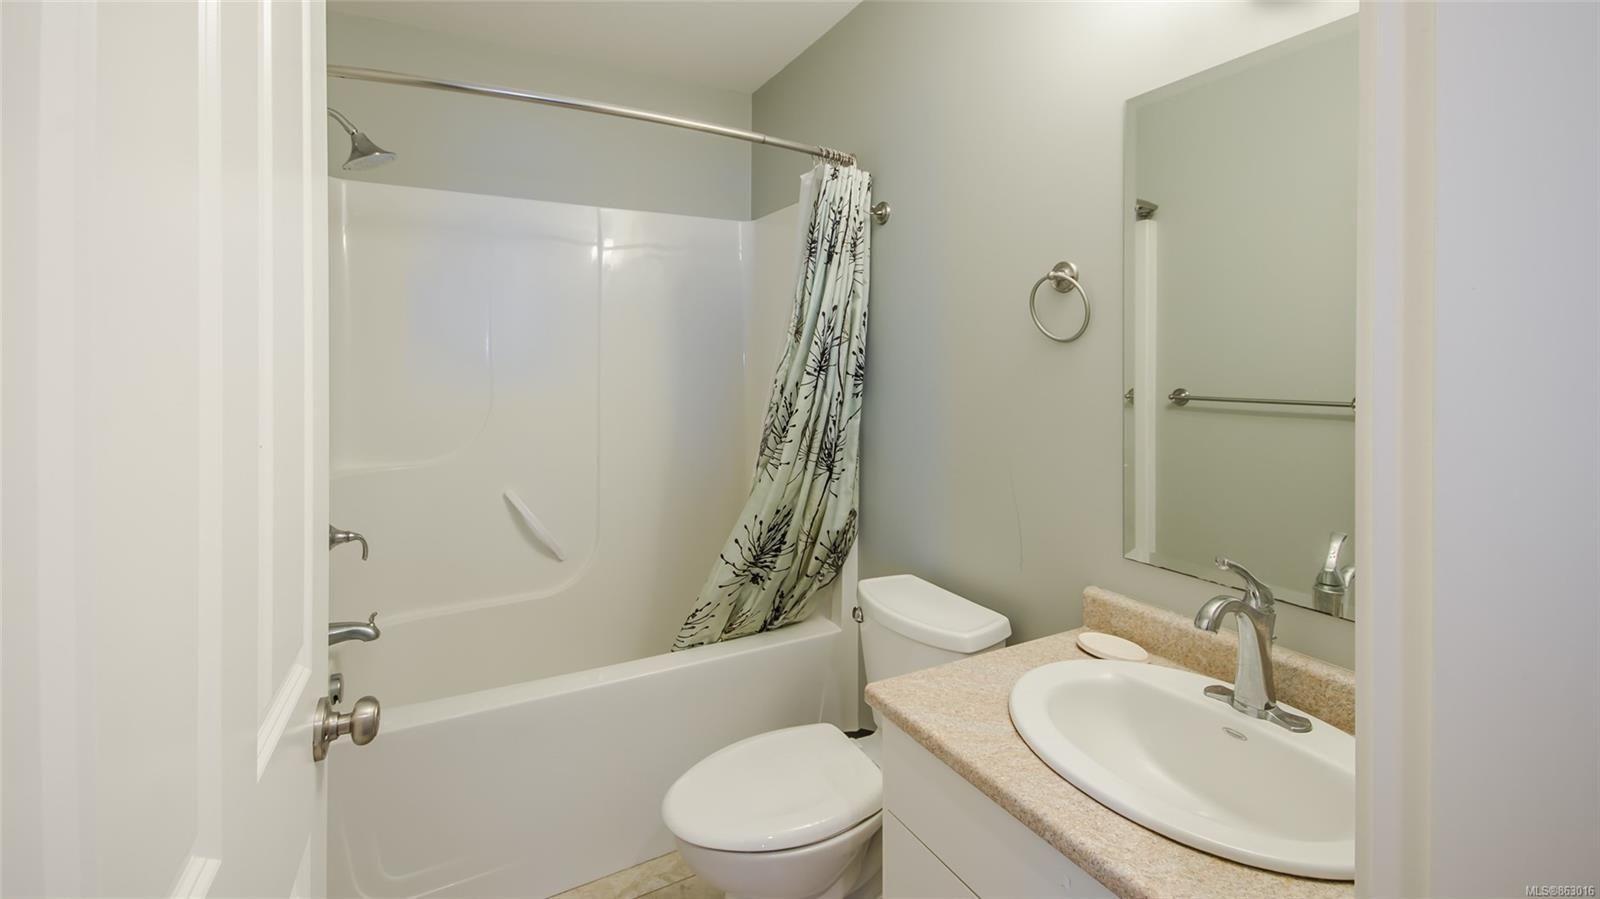 Photo 34: Photos: 5361 Laguna Way in : Na North Nanaimo House for sale (Nanaimo)  : MLS®# 863016